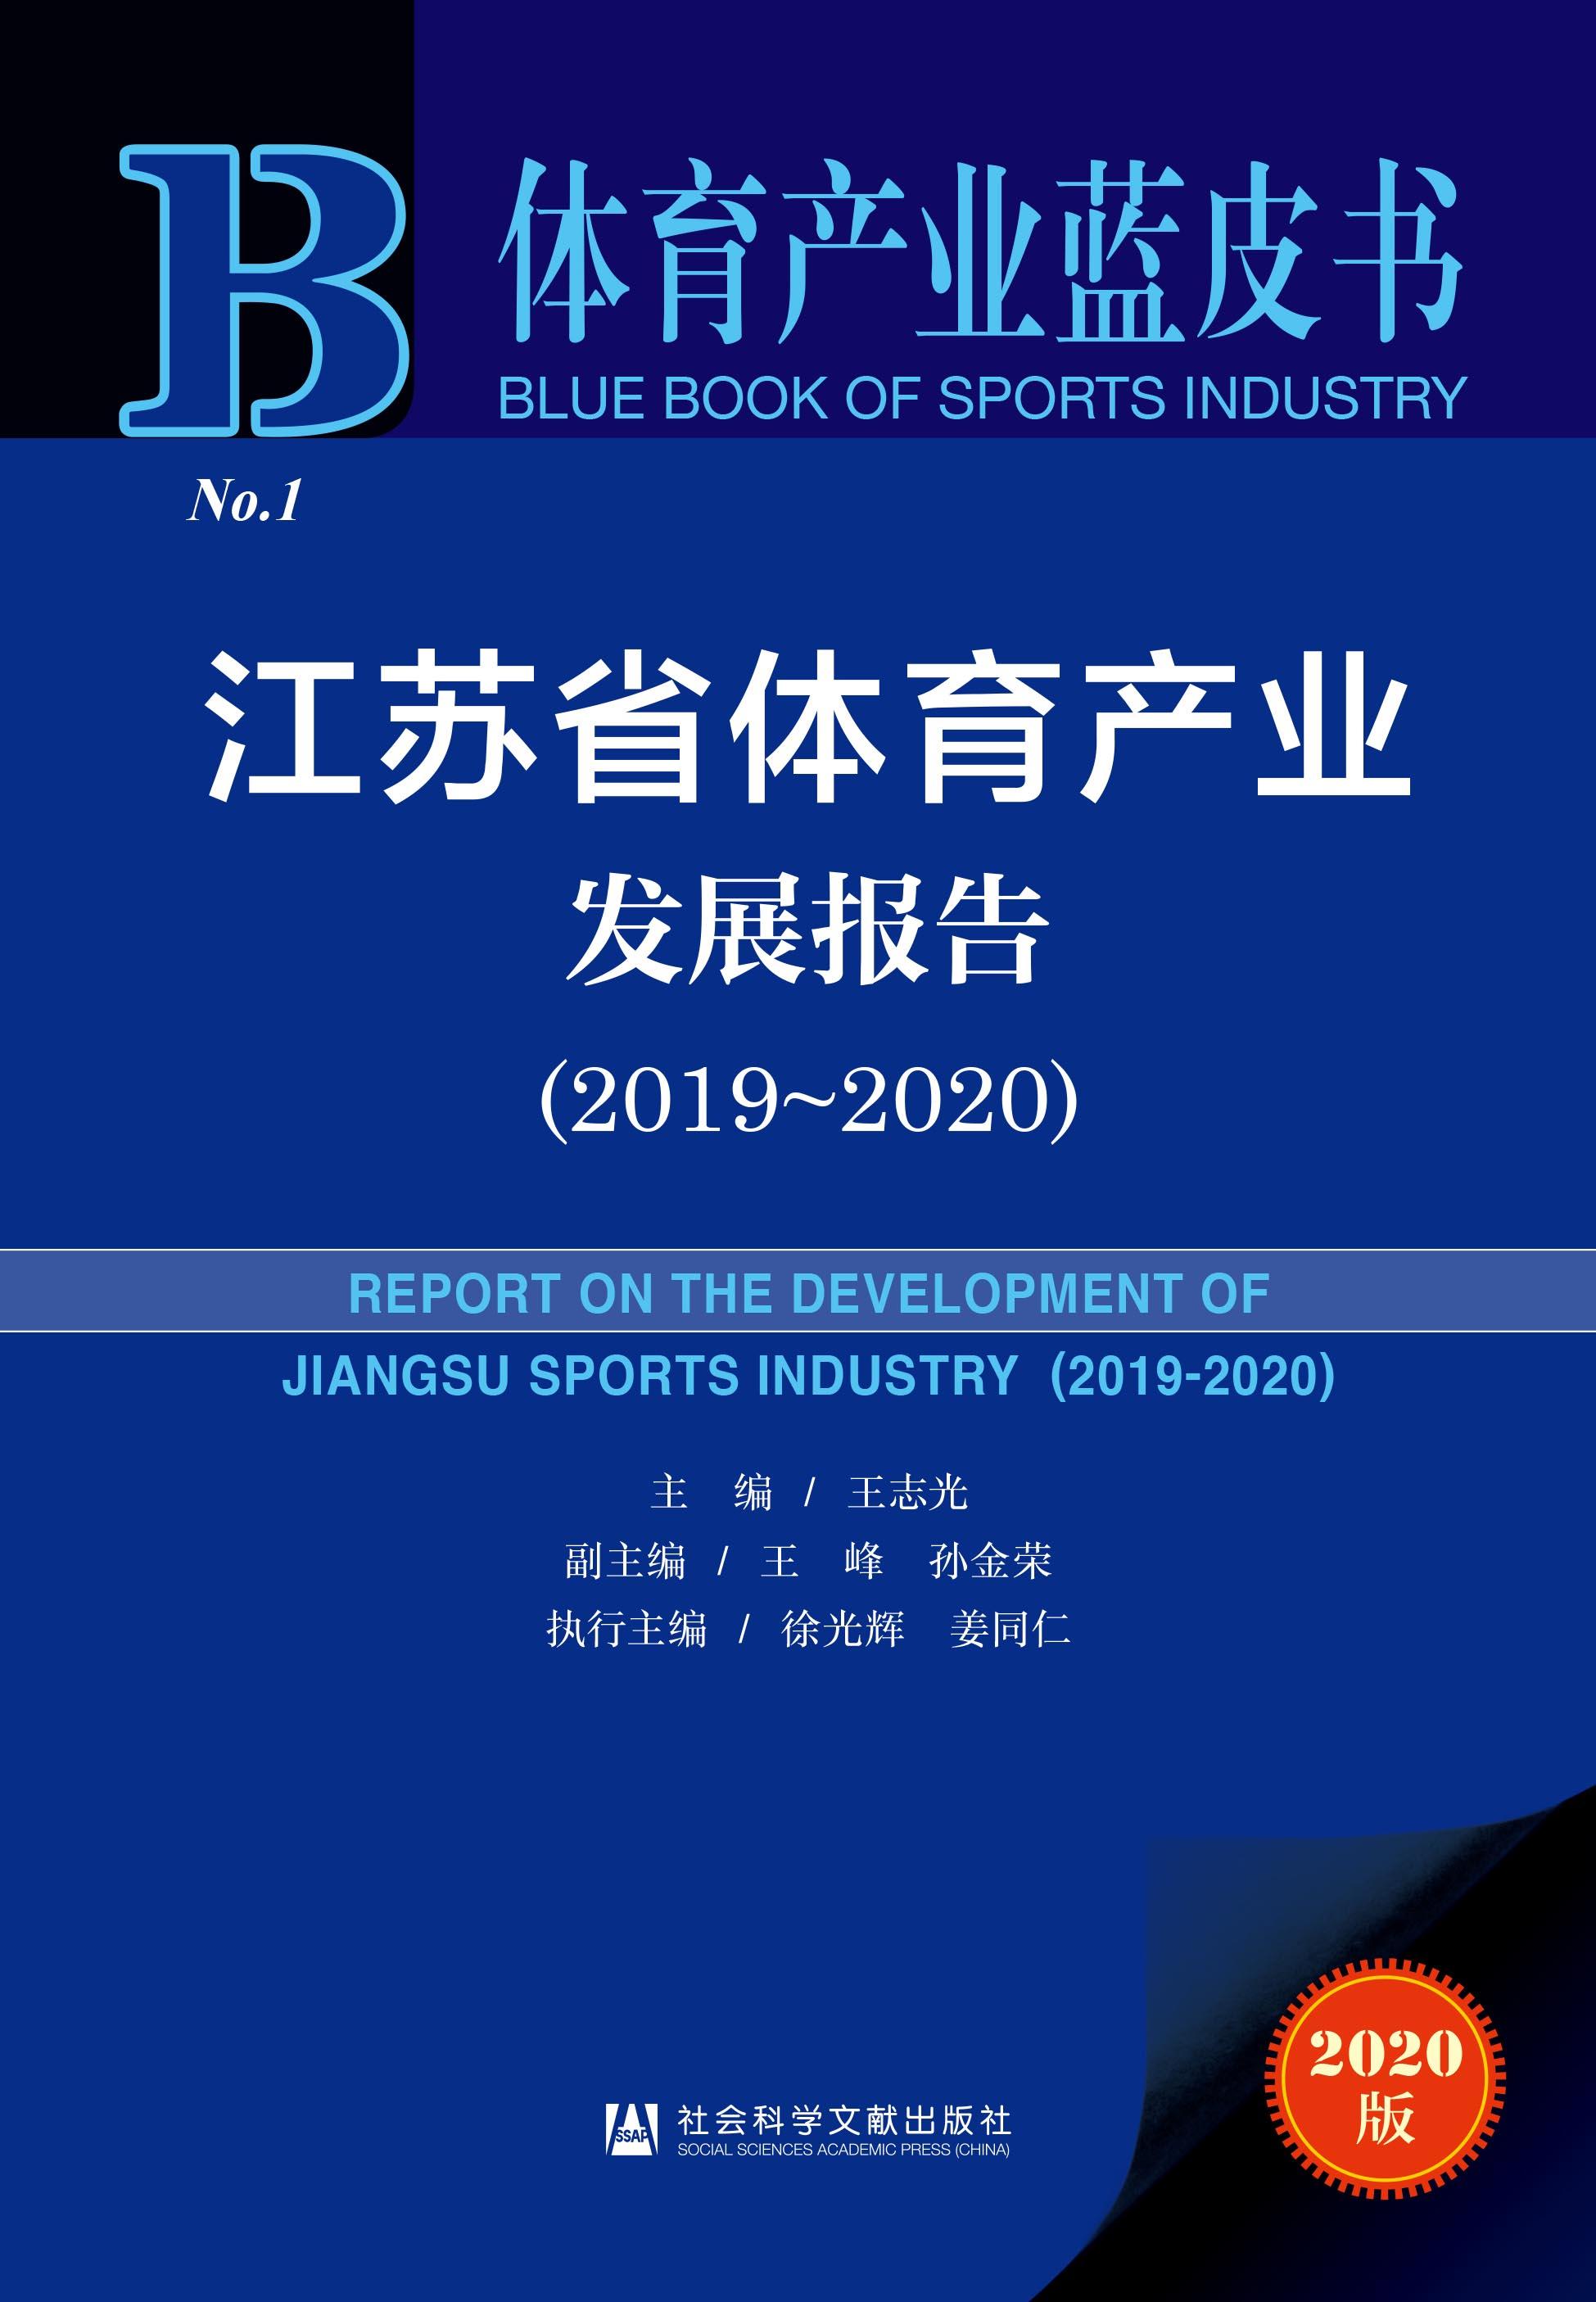 江苏省体育产业发展报告(2019~2020)